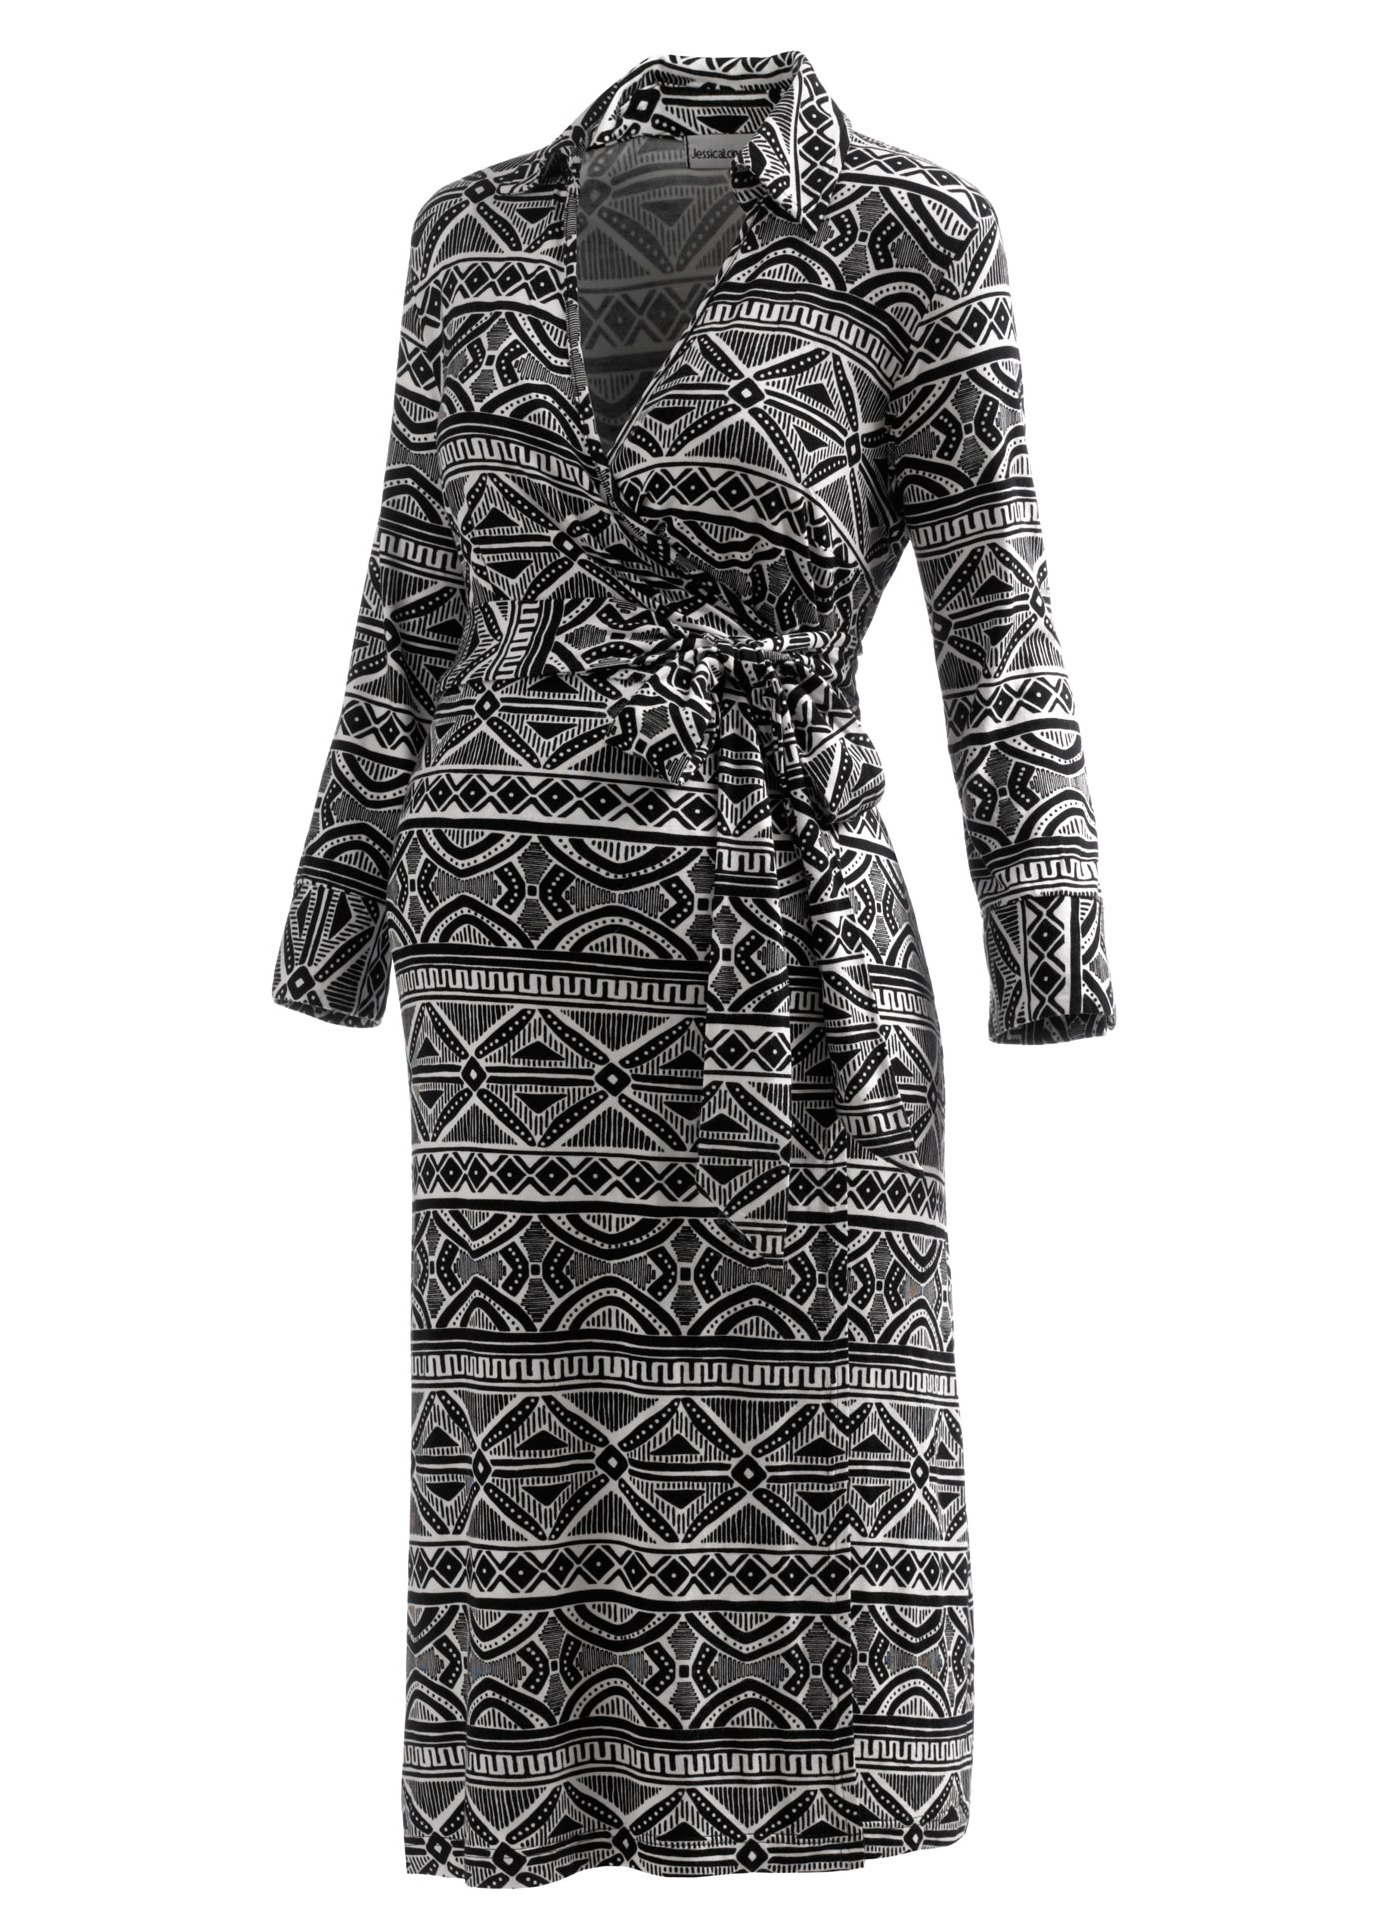 Фото платьев для беременных осень зима